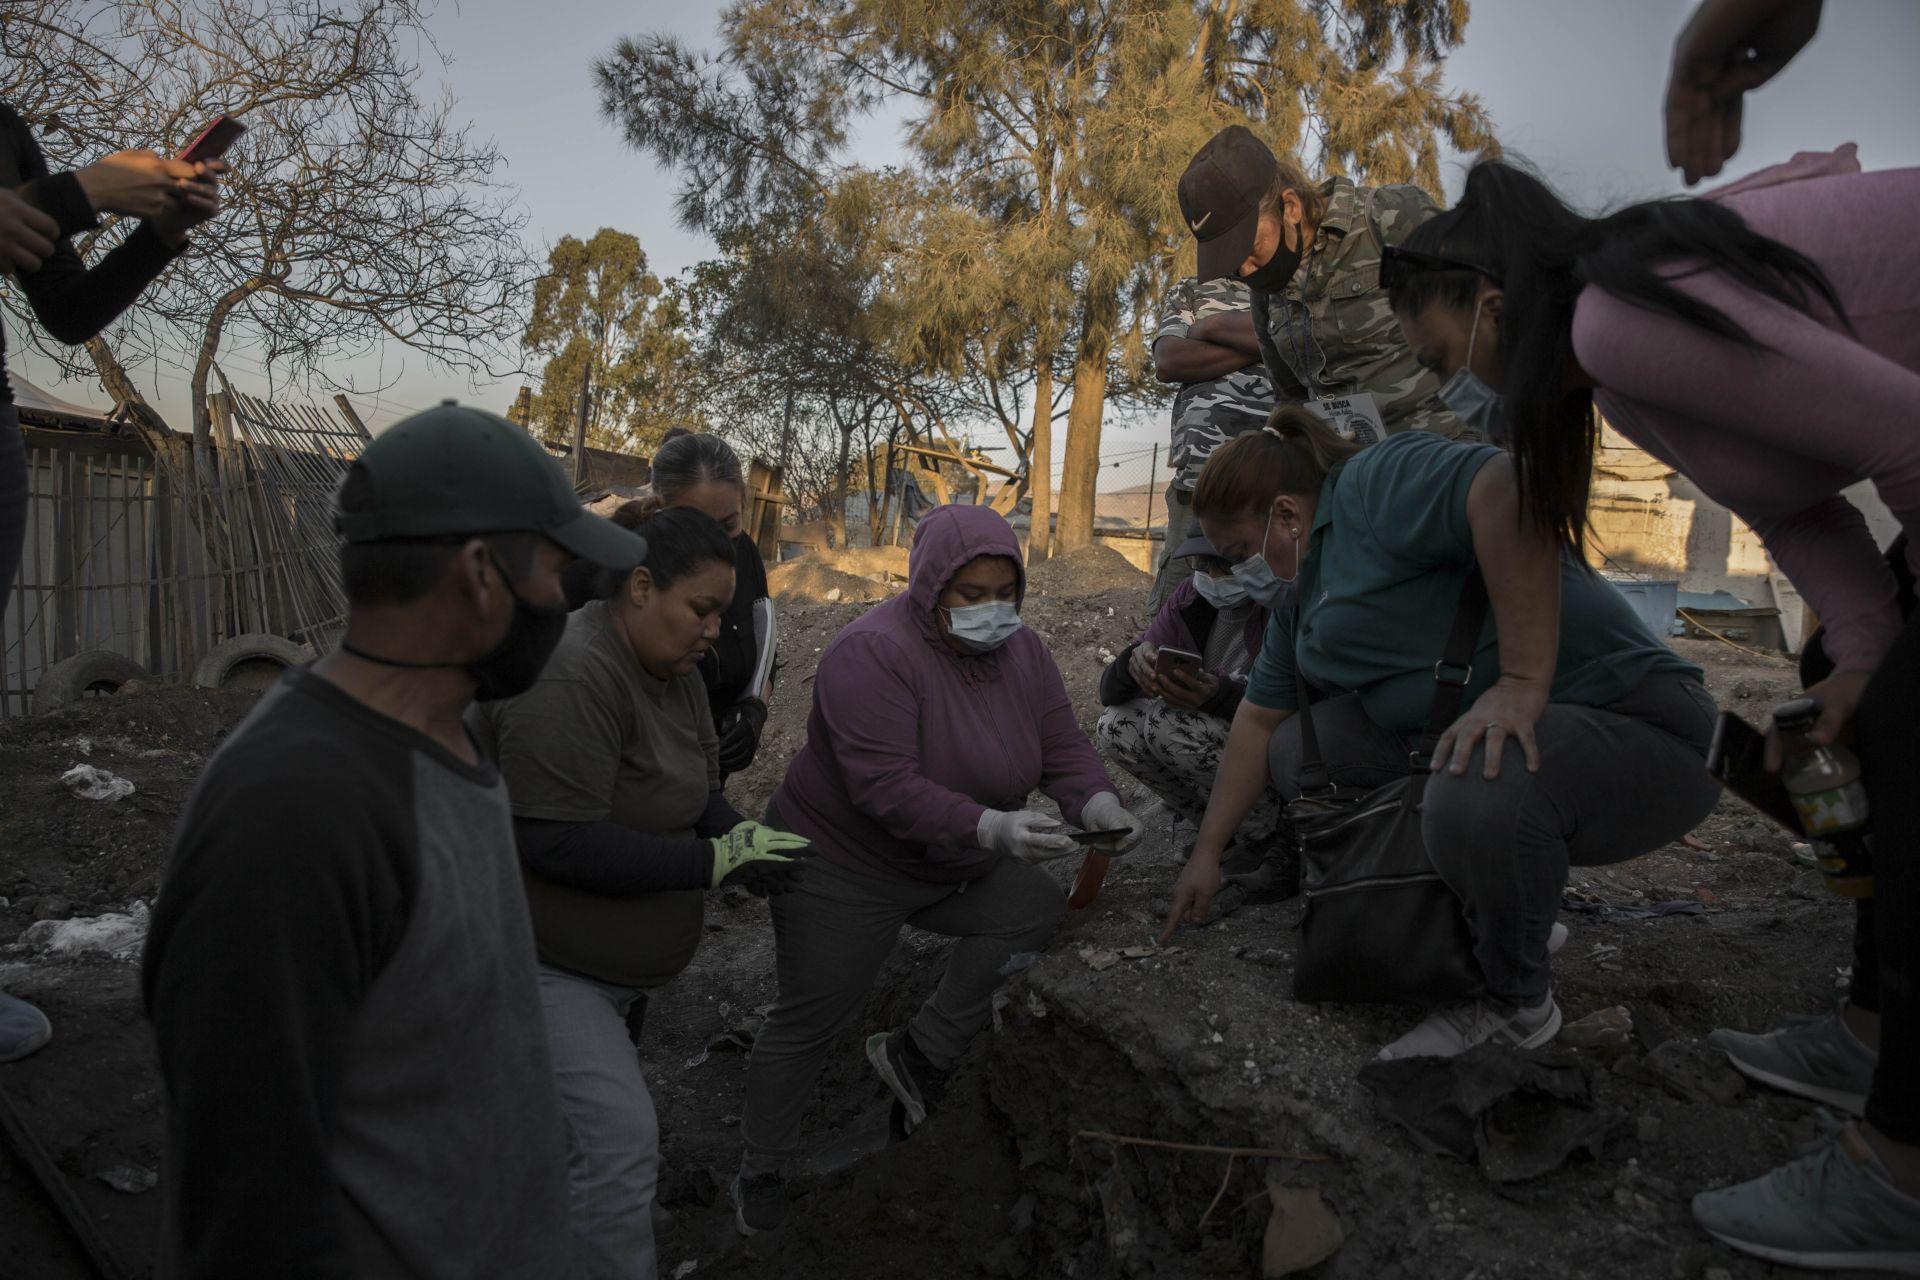 Fiscalía de Guanajuato tardó 7 meses en entregar restos de dos jóvenes ya identificados